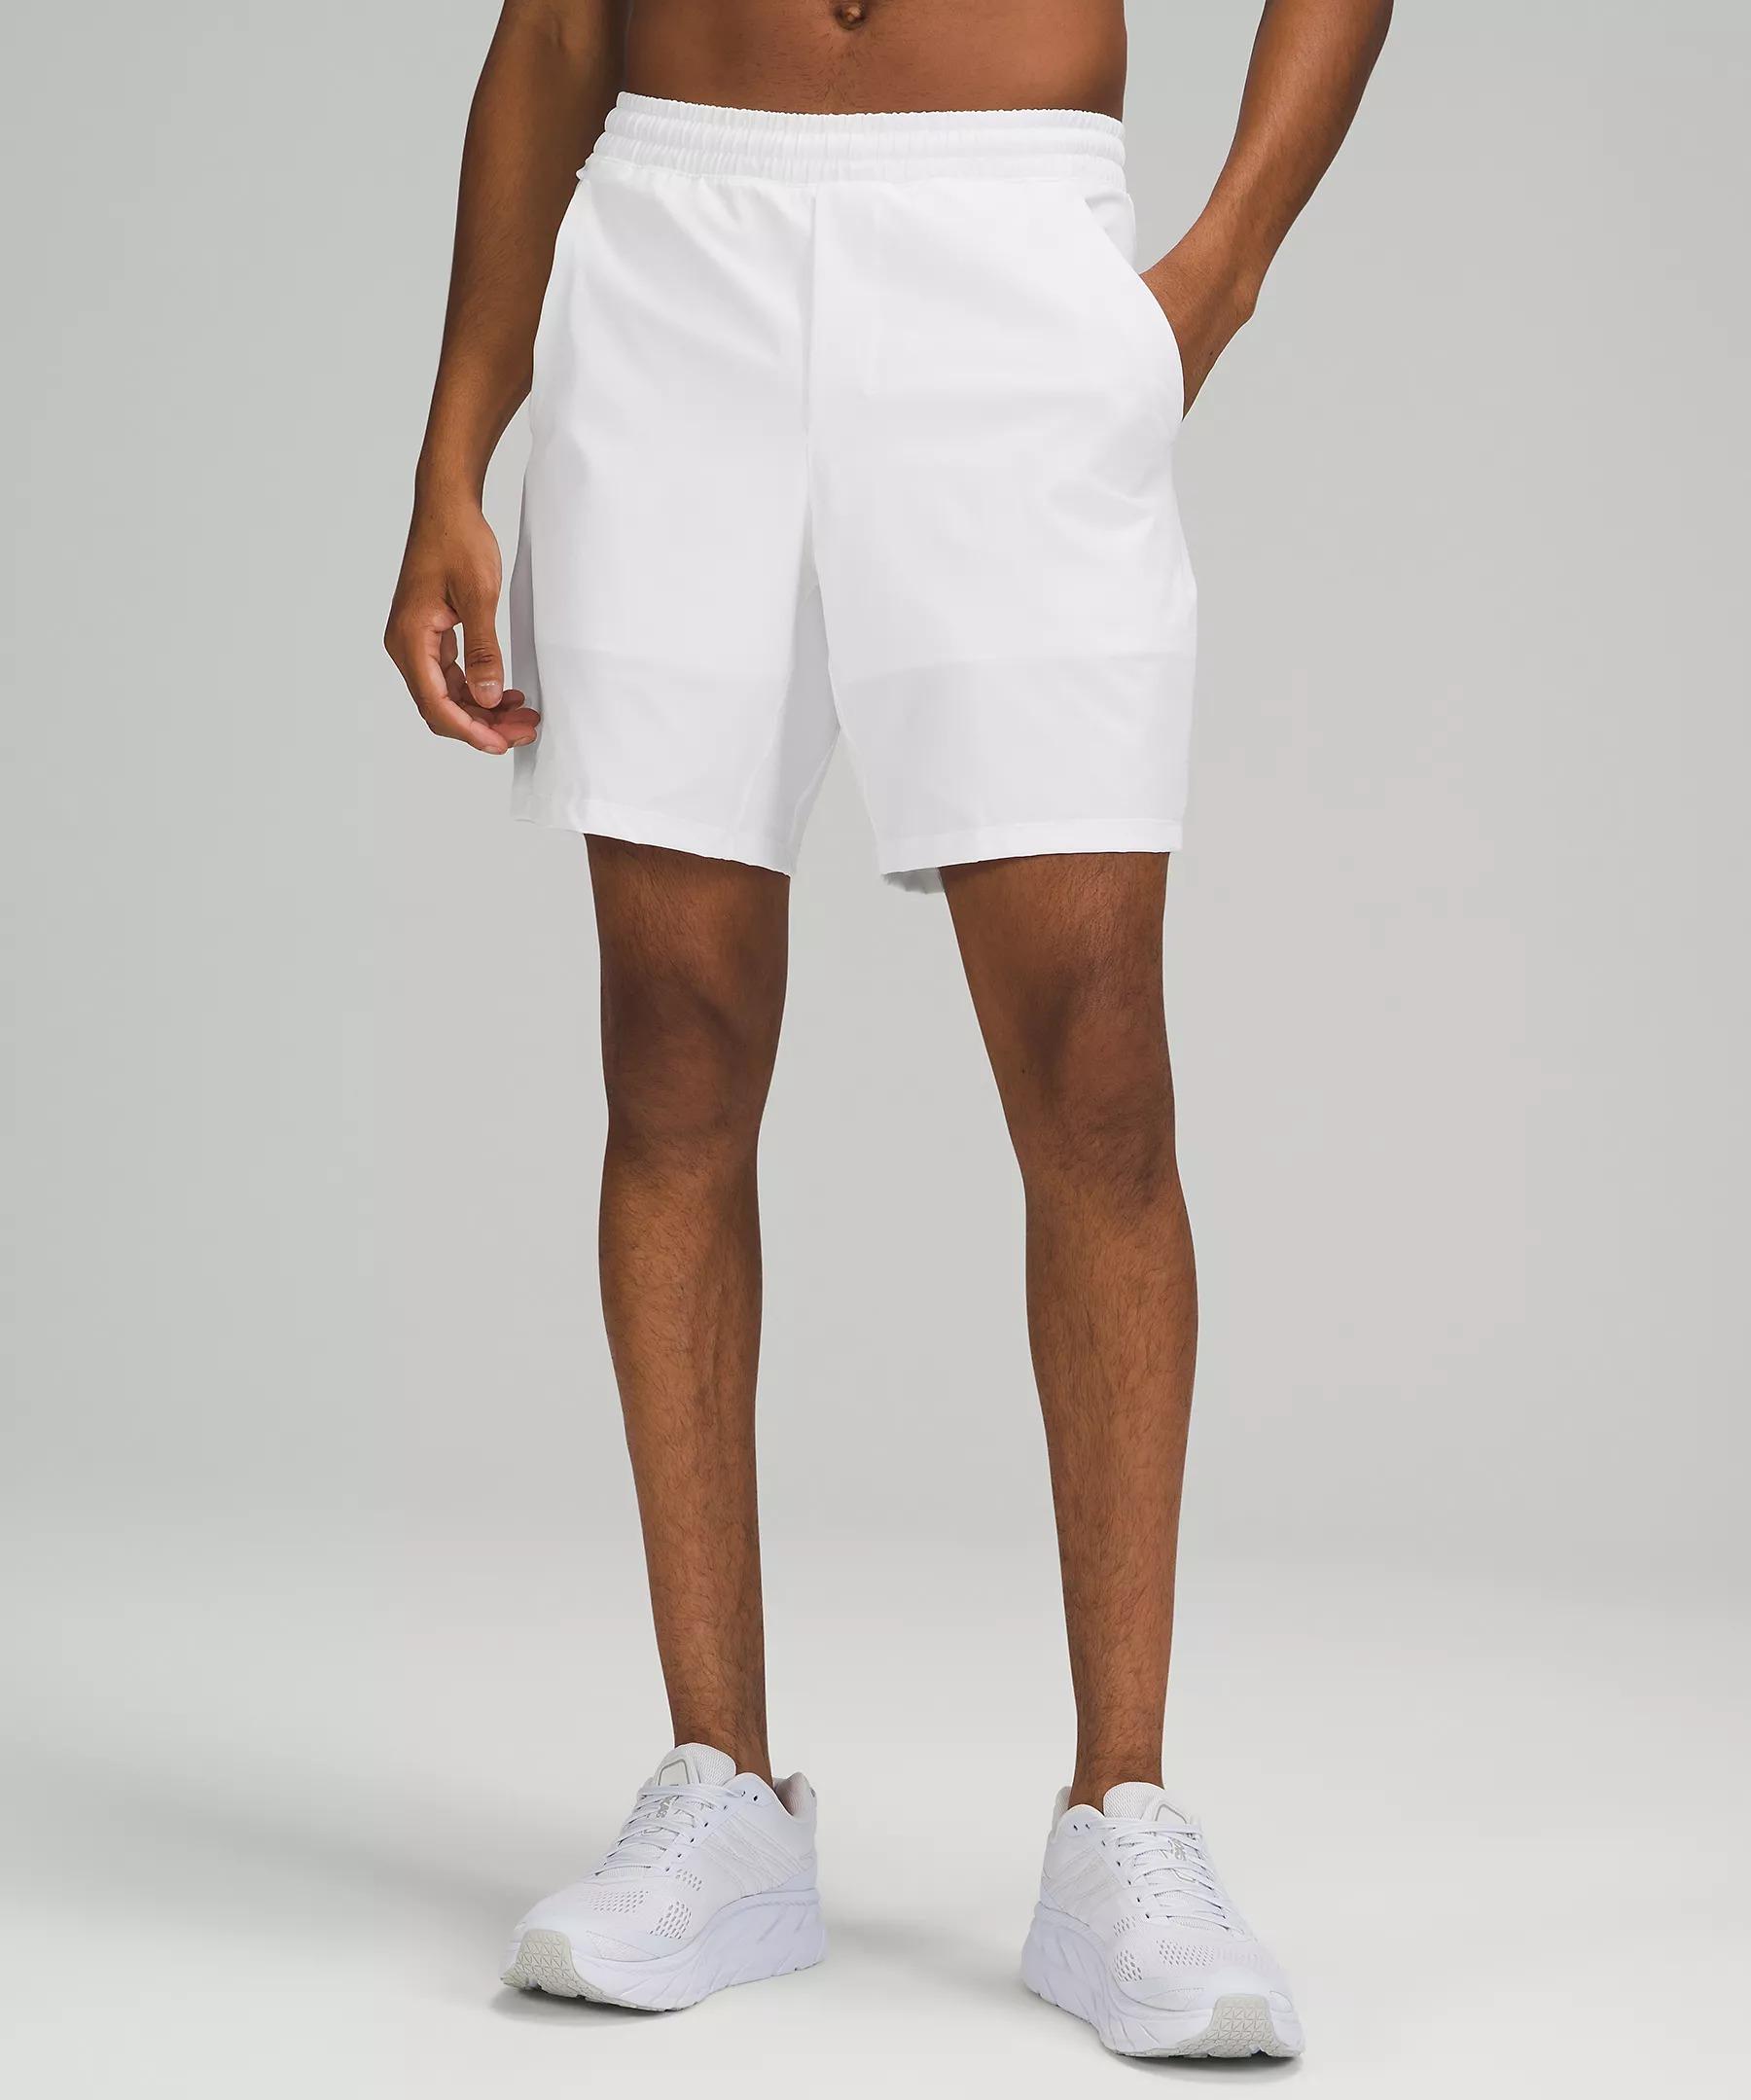 """Lululemon Pace Breaker Short 7"""" Liner, Best Tennis Shorts"""